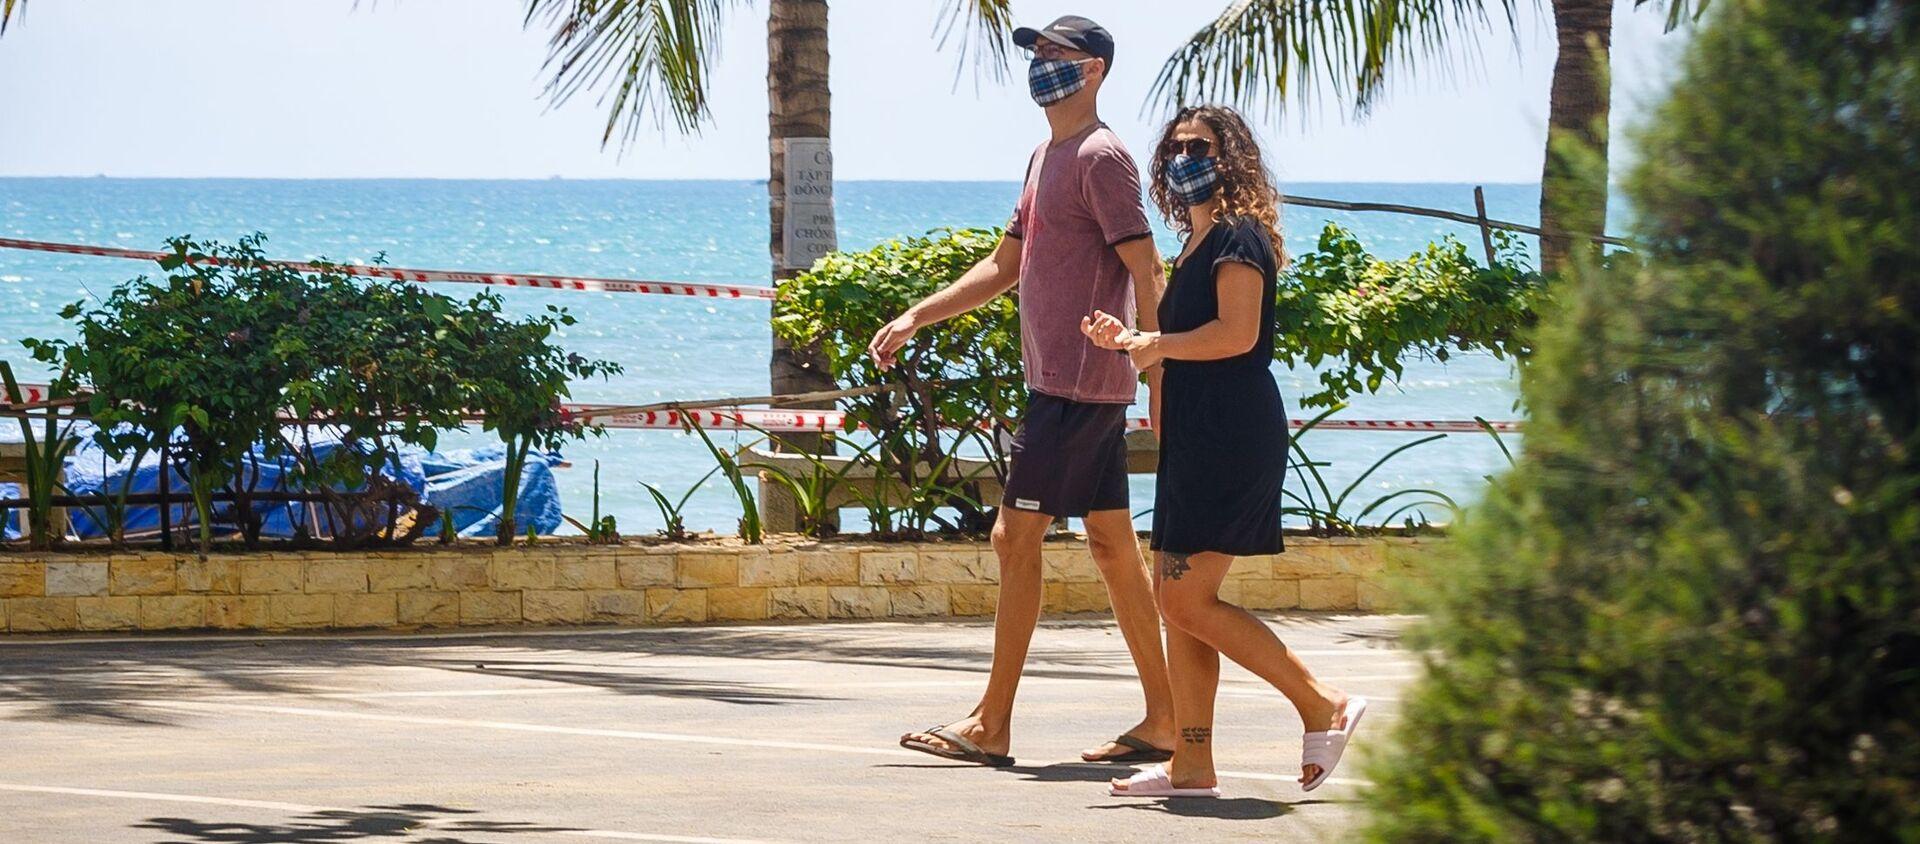 Khách du lịch đeo khẩu trang đi ngang qua một bãi biển đóng cửa giữa lúc dịch coronavirus bùng phát tại thành phố nghỉ mát Nha Trang, Việt Nam - Sputnik Việt Nam, 1920, 06.07.2021